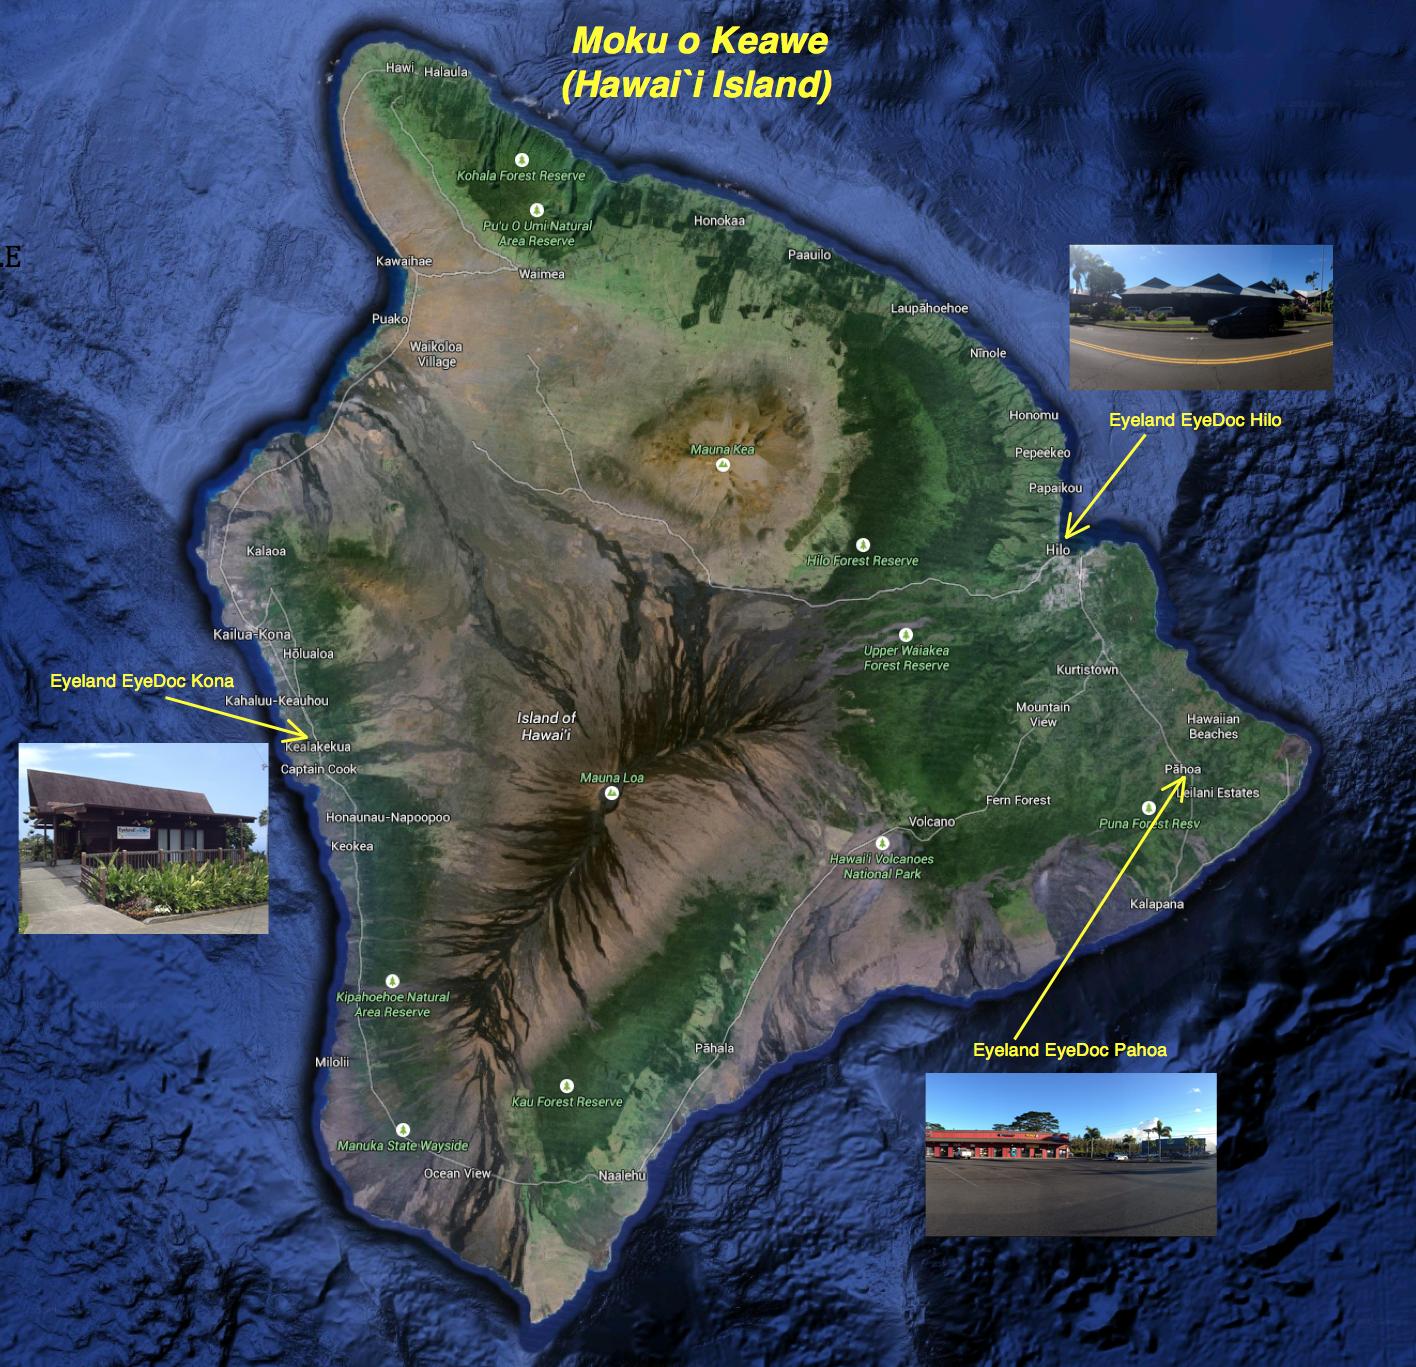 Moku o Keawe -- Hawai`i Island (Source: Google Maps)